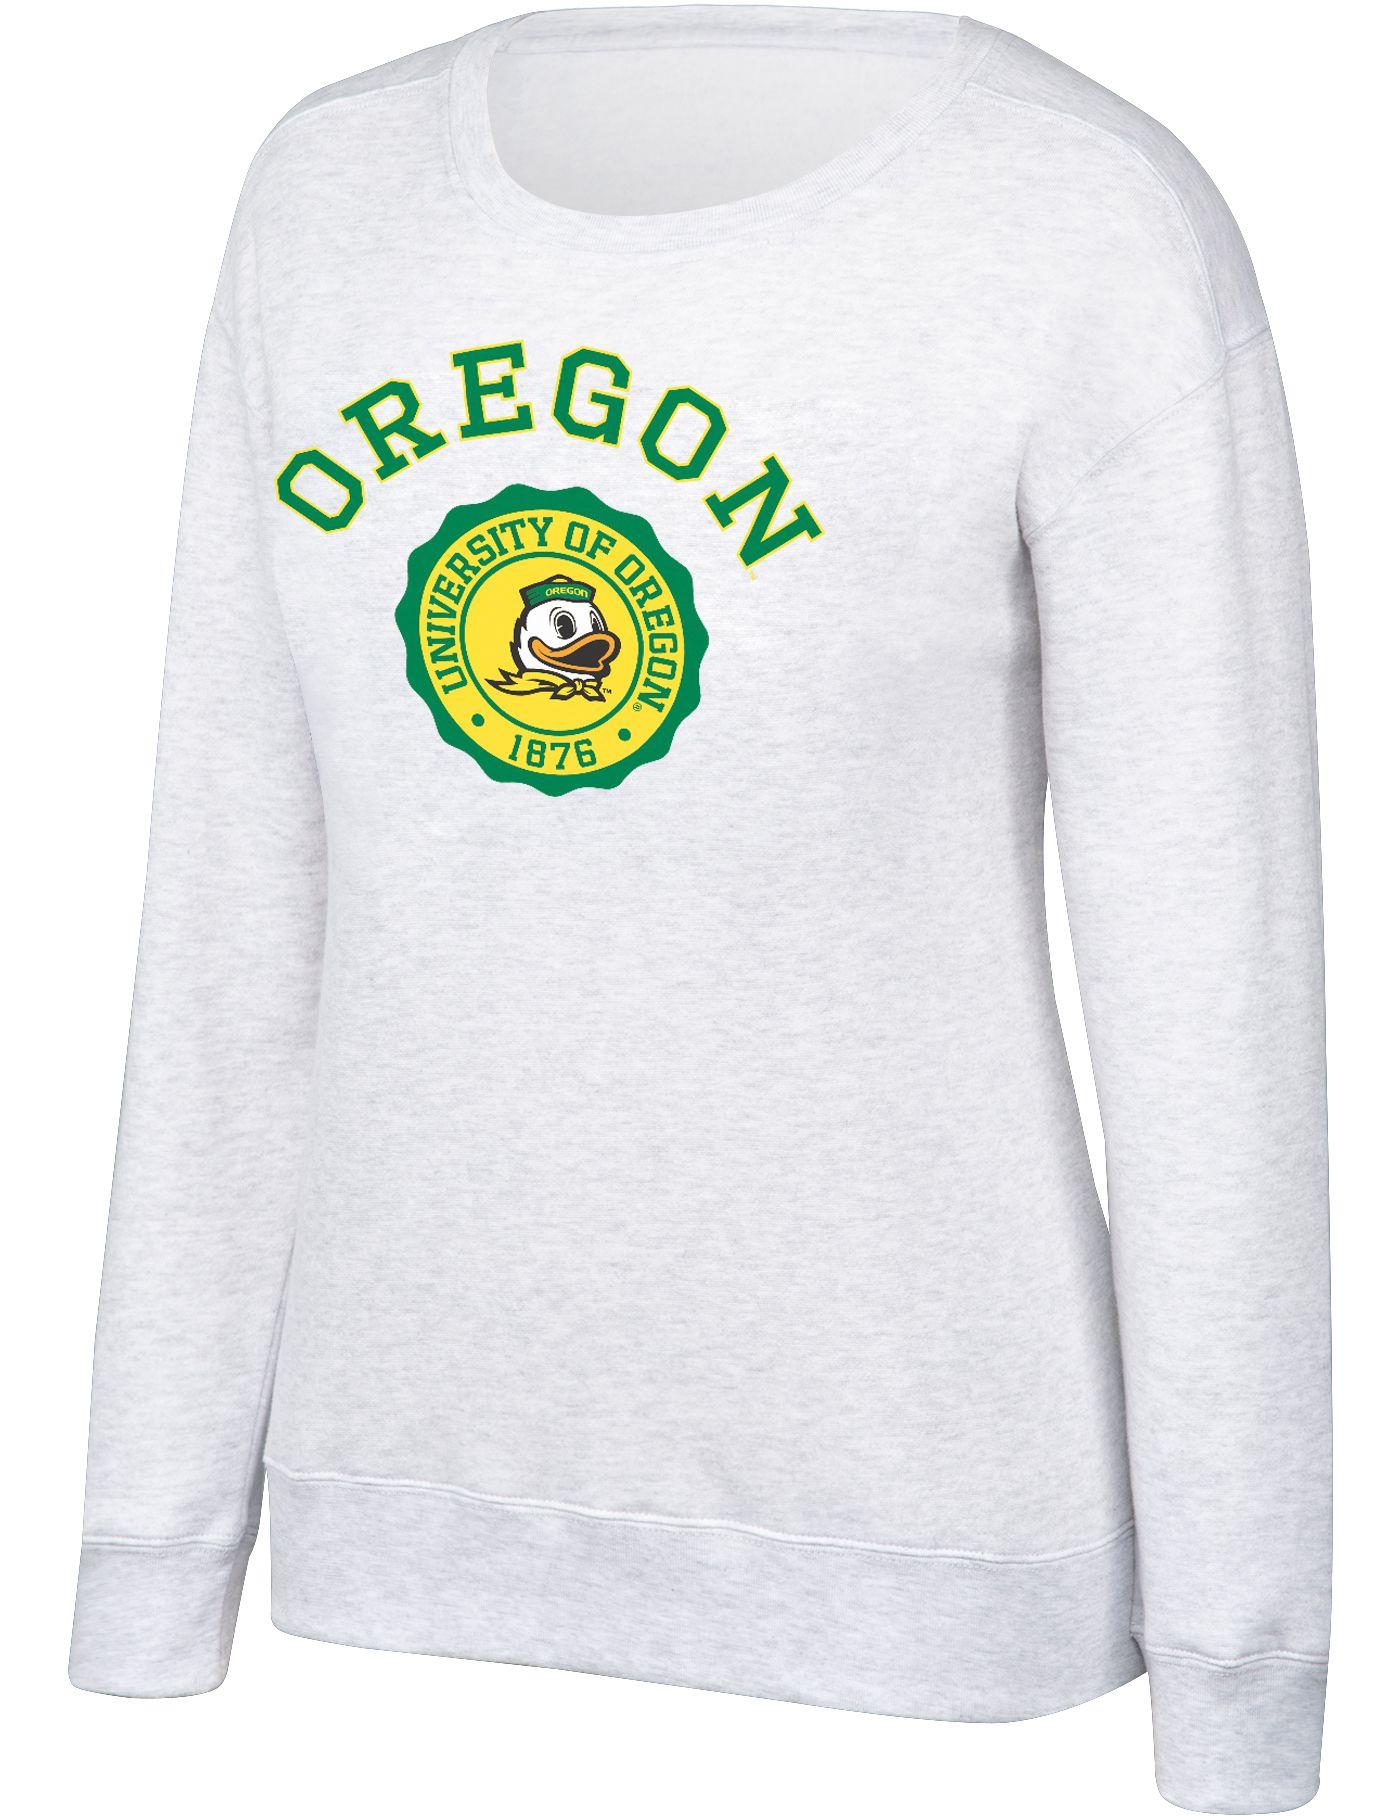 Top of the World Women's Oregon Ducks Grey Essential Crew Neck Sweatshirt